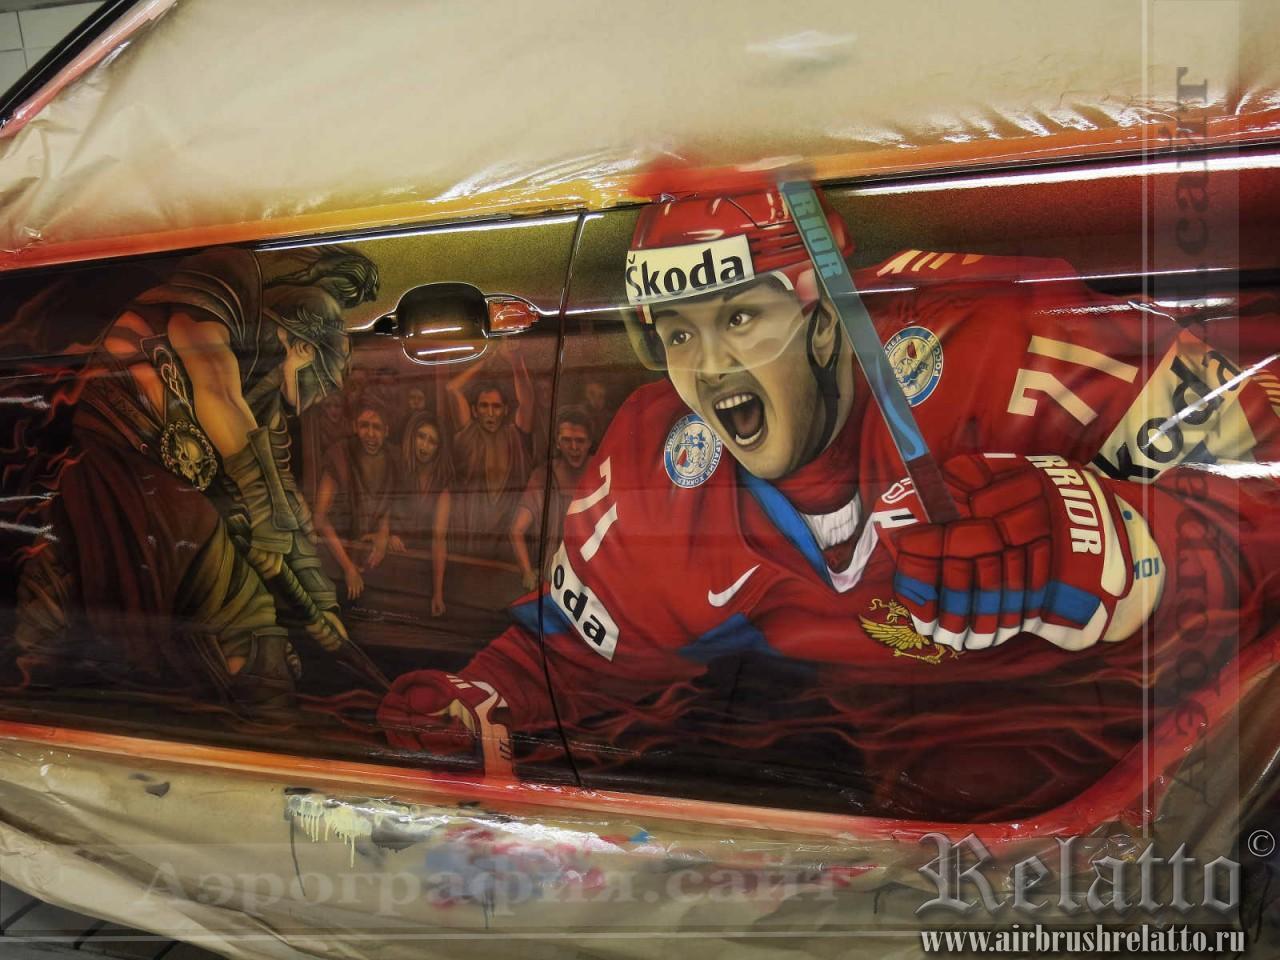 аэрография на автомобиле хоккей СКА Питер